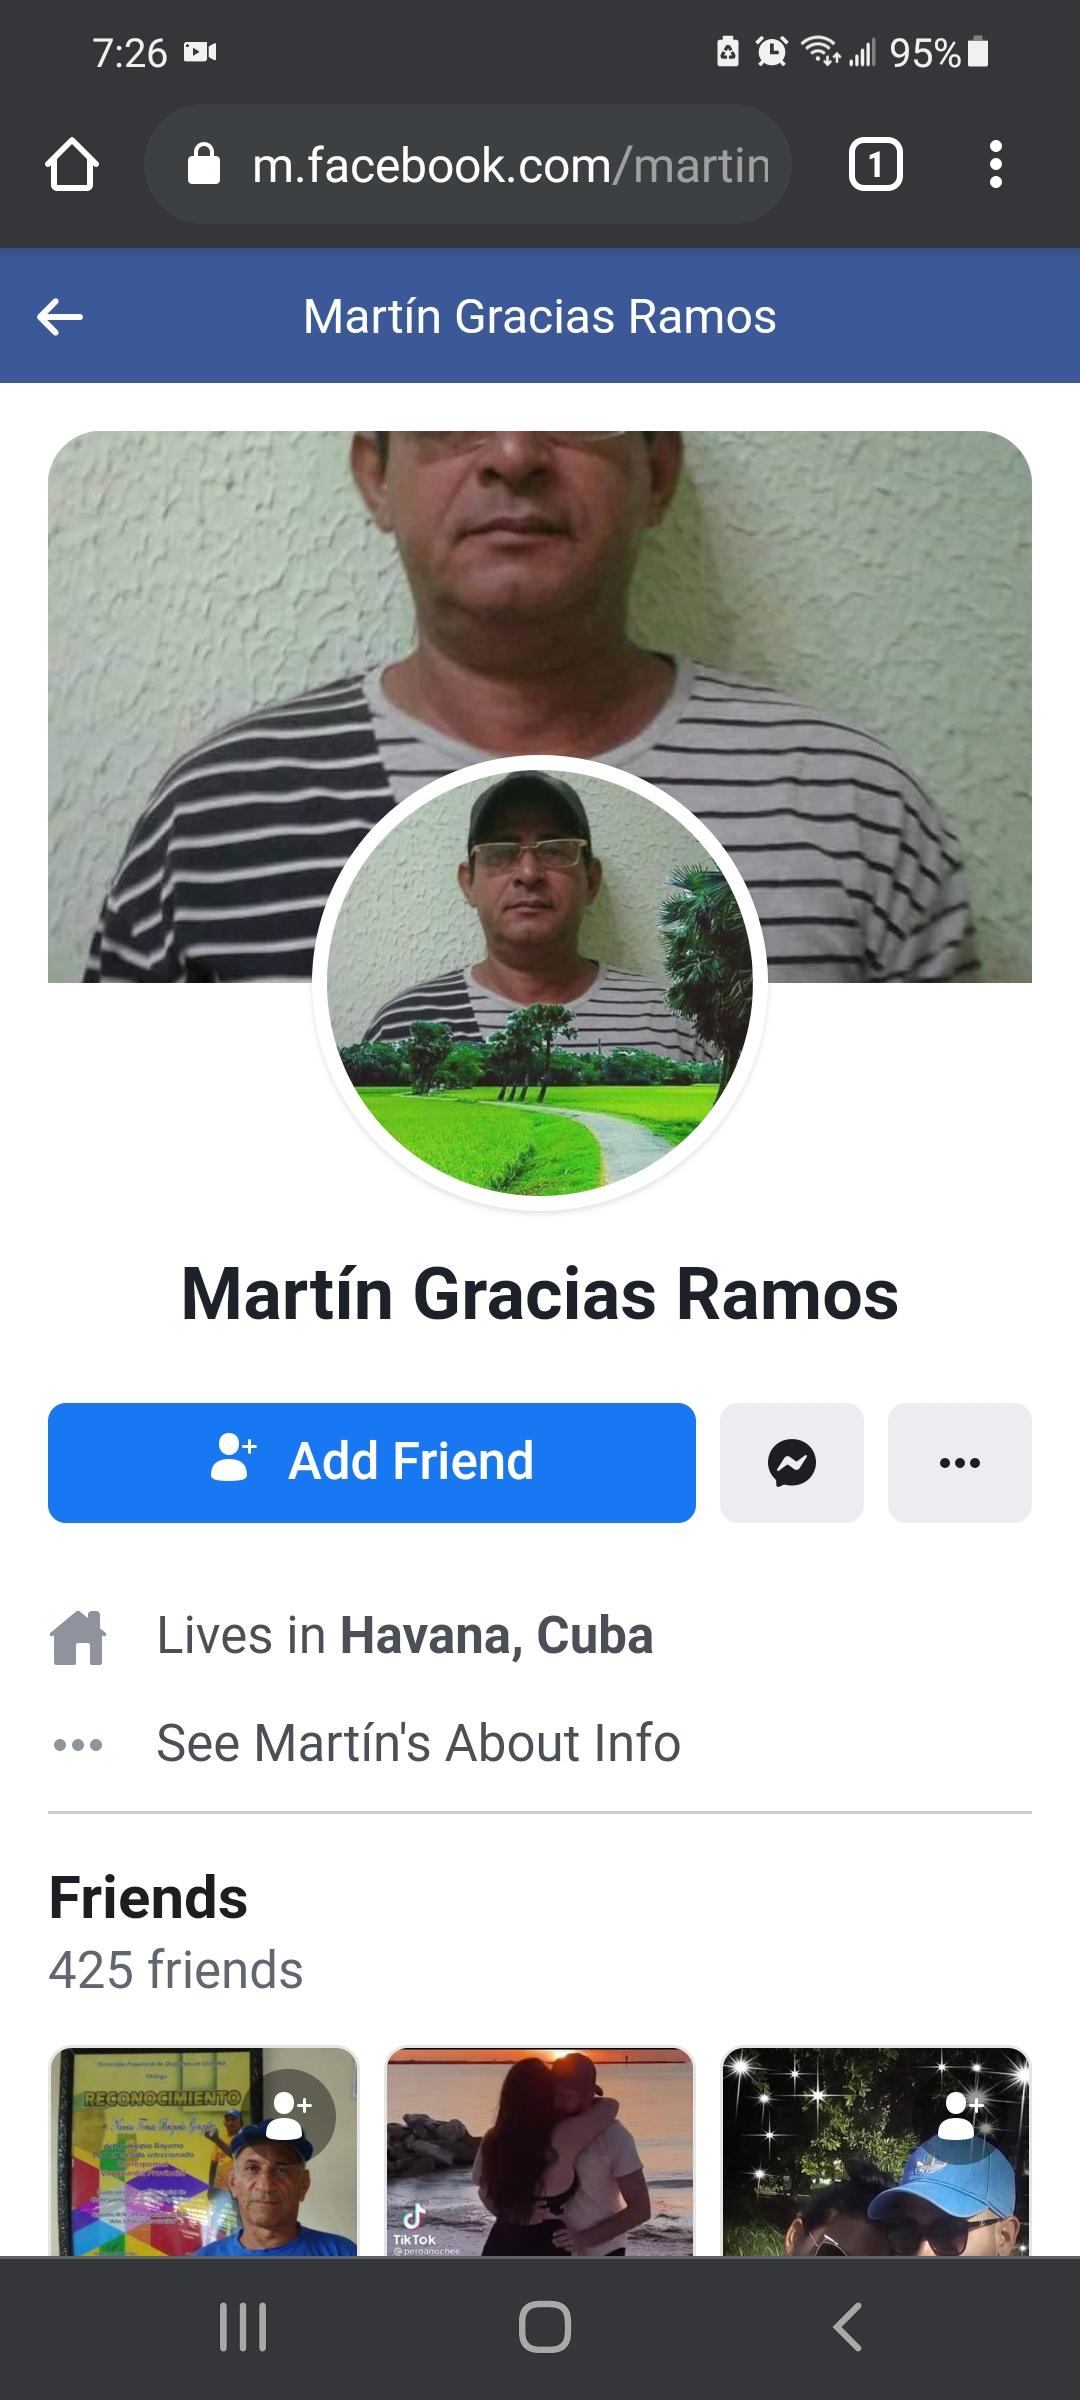 MARTIN GRACIAS RAMOS